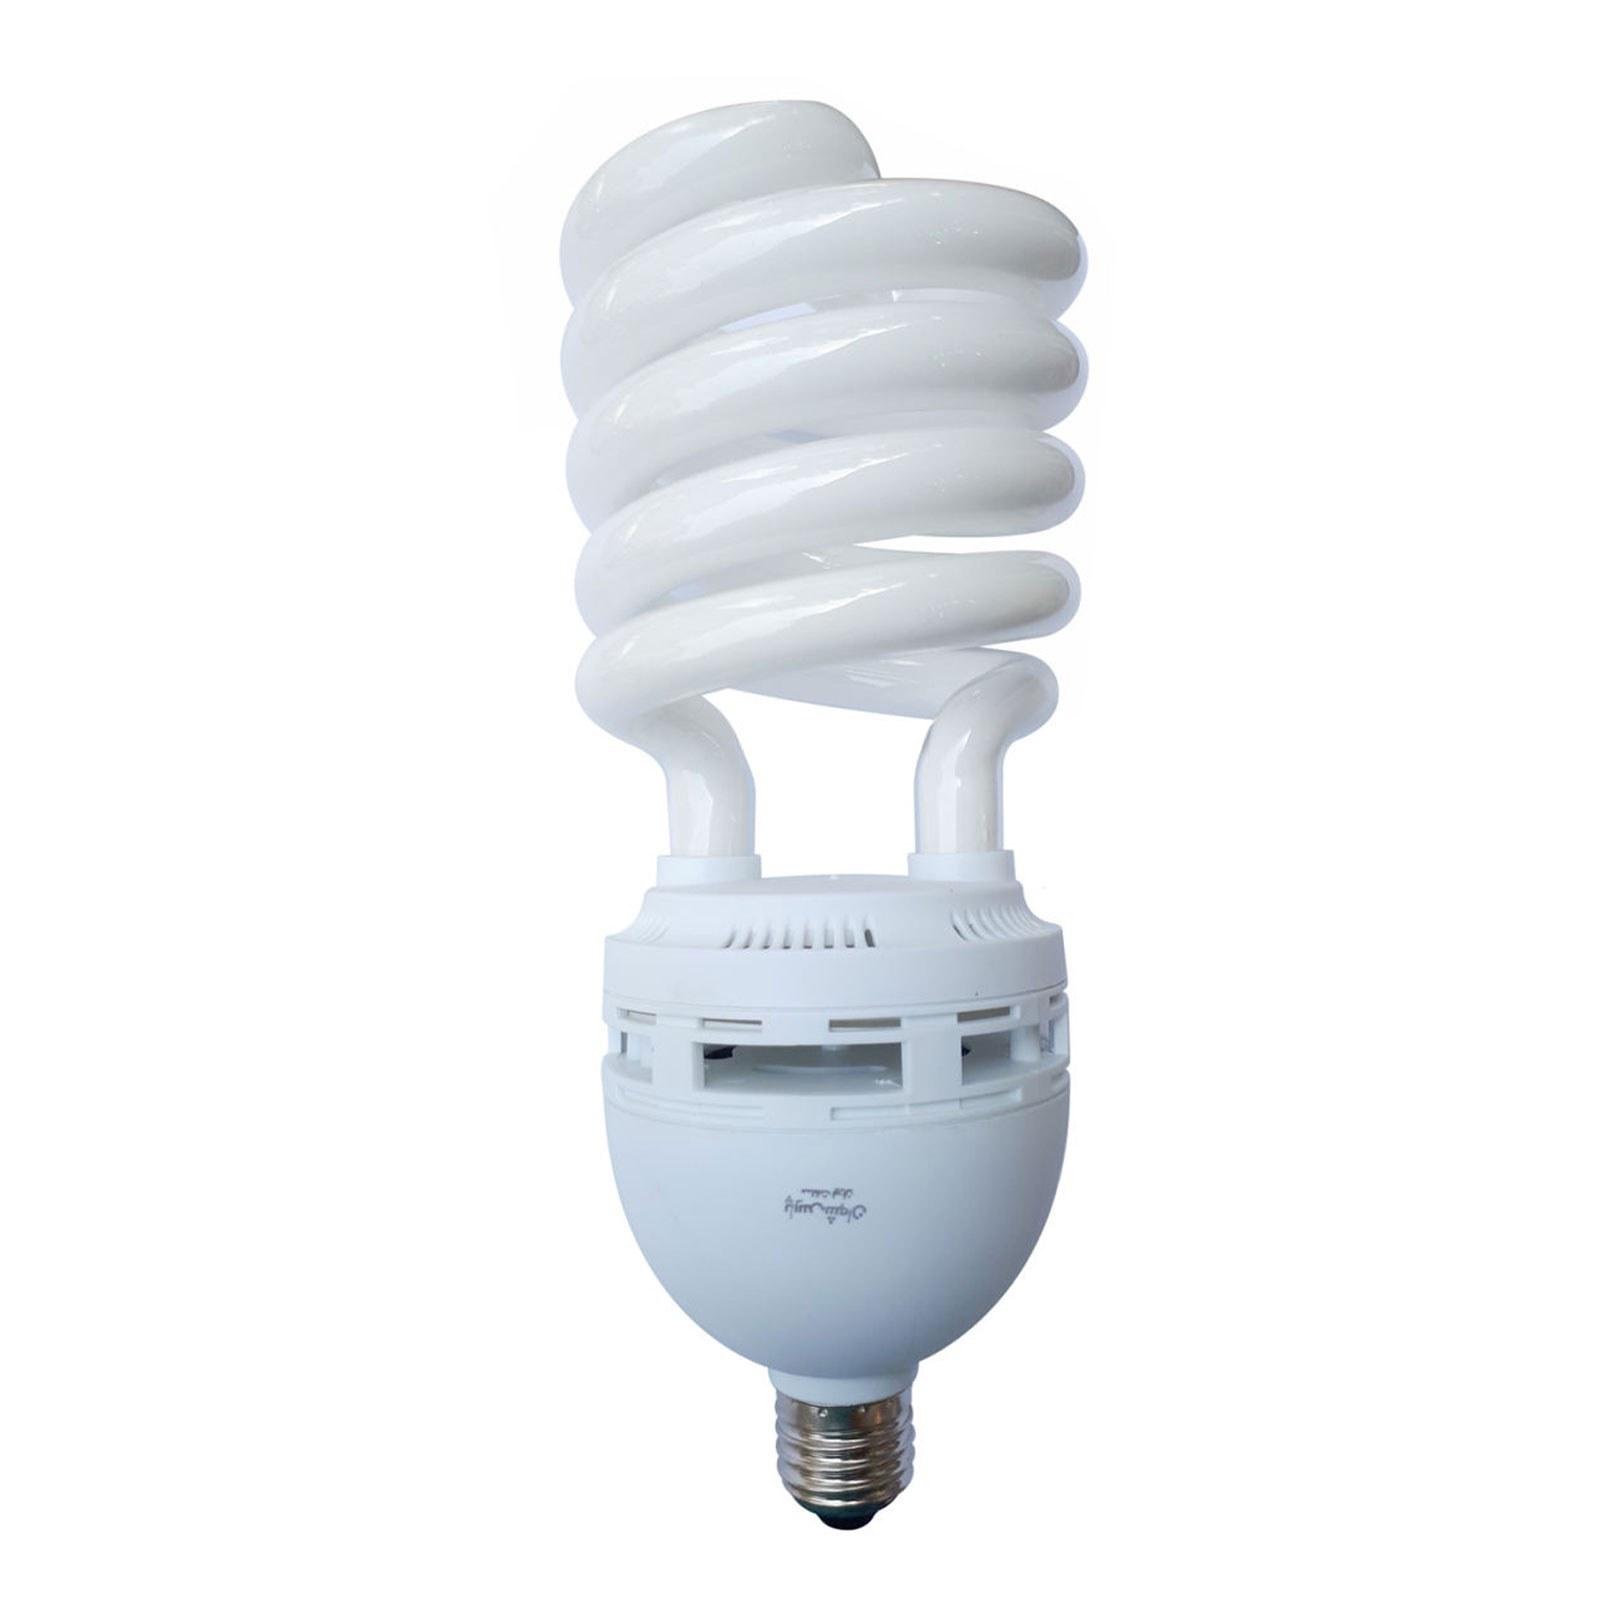 تصویر لامپ کم مصرف 50 وات پارس شوان